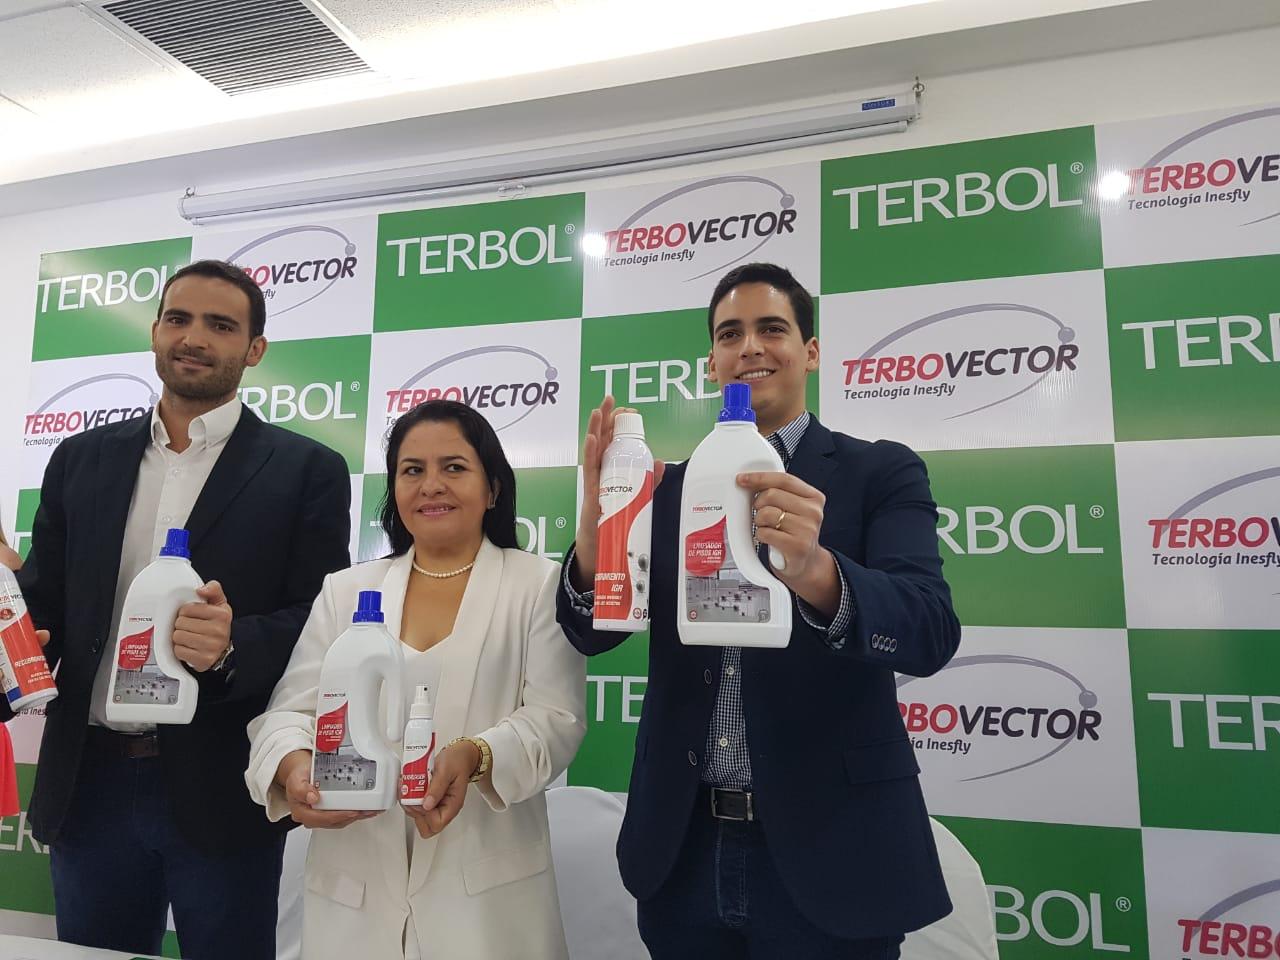 Terbol lanza un insecticida para el hogar y uso personal